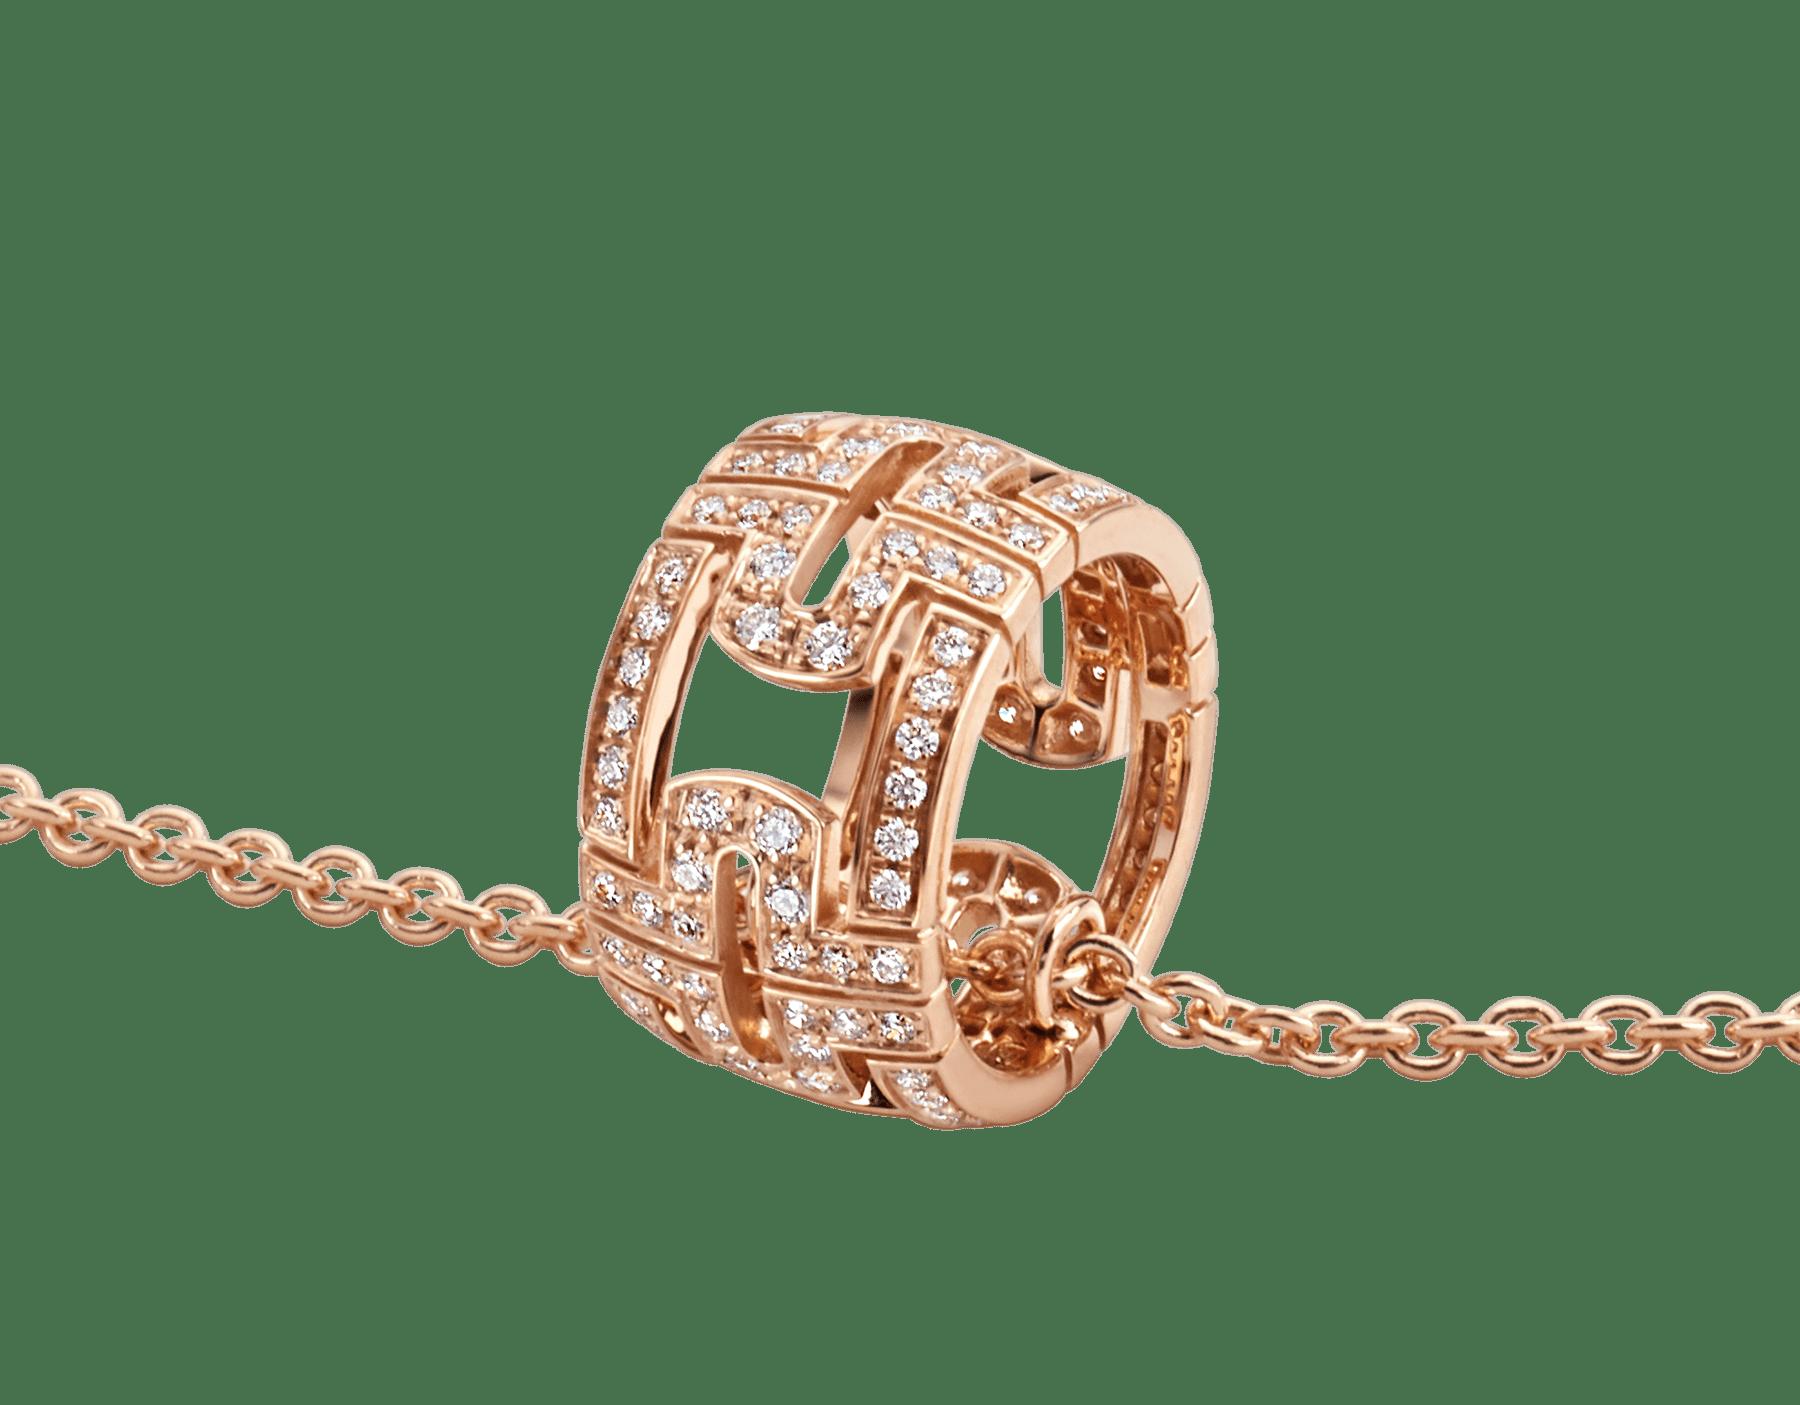 Collier Parentesi avec chaîne en or rose 18K et pendentif rond en or rose 18K pavé diamants 343471 image 3